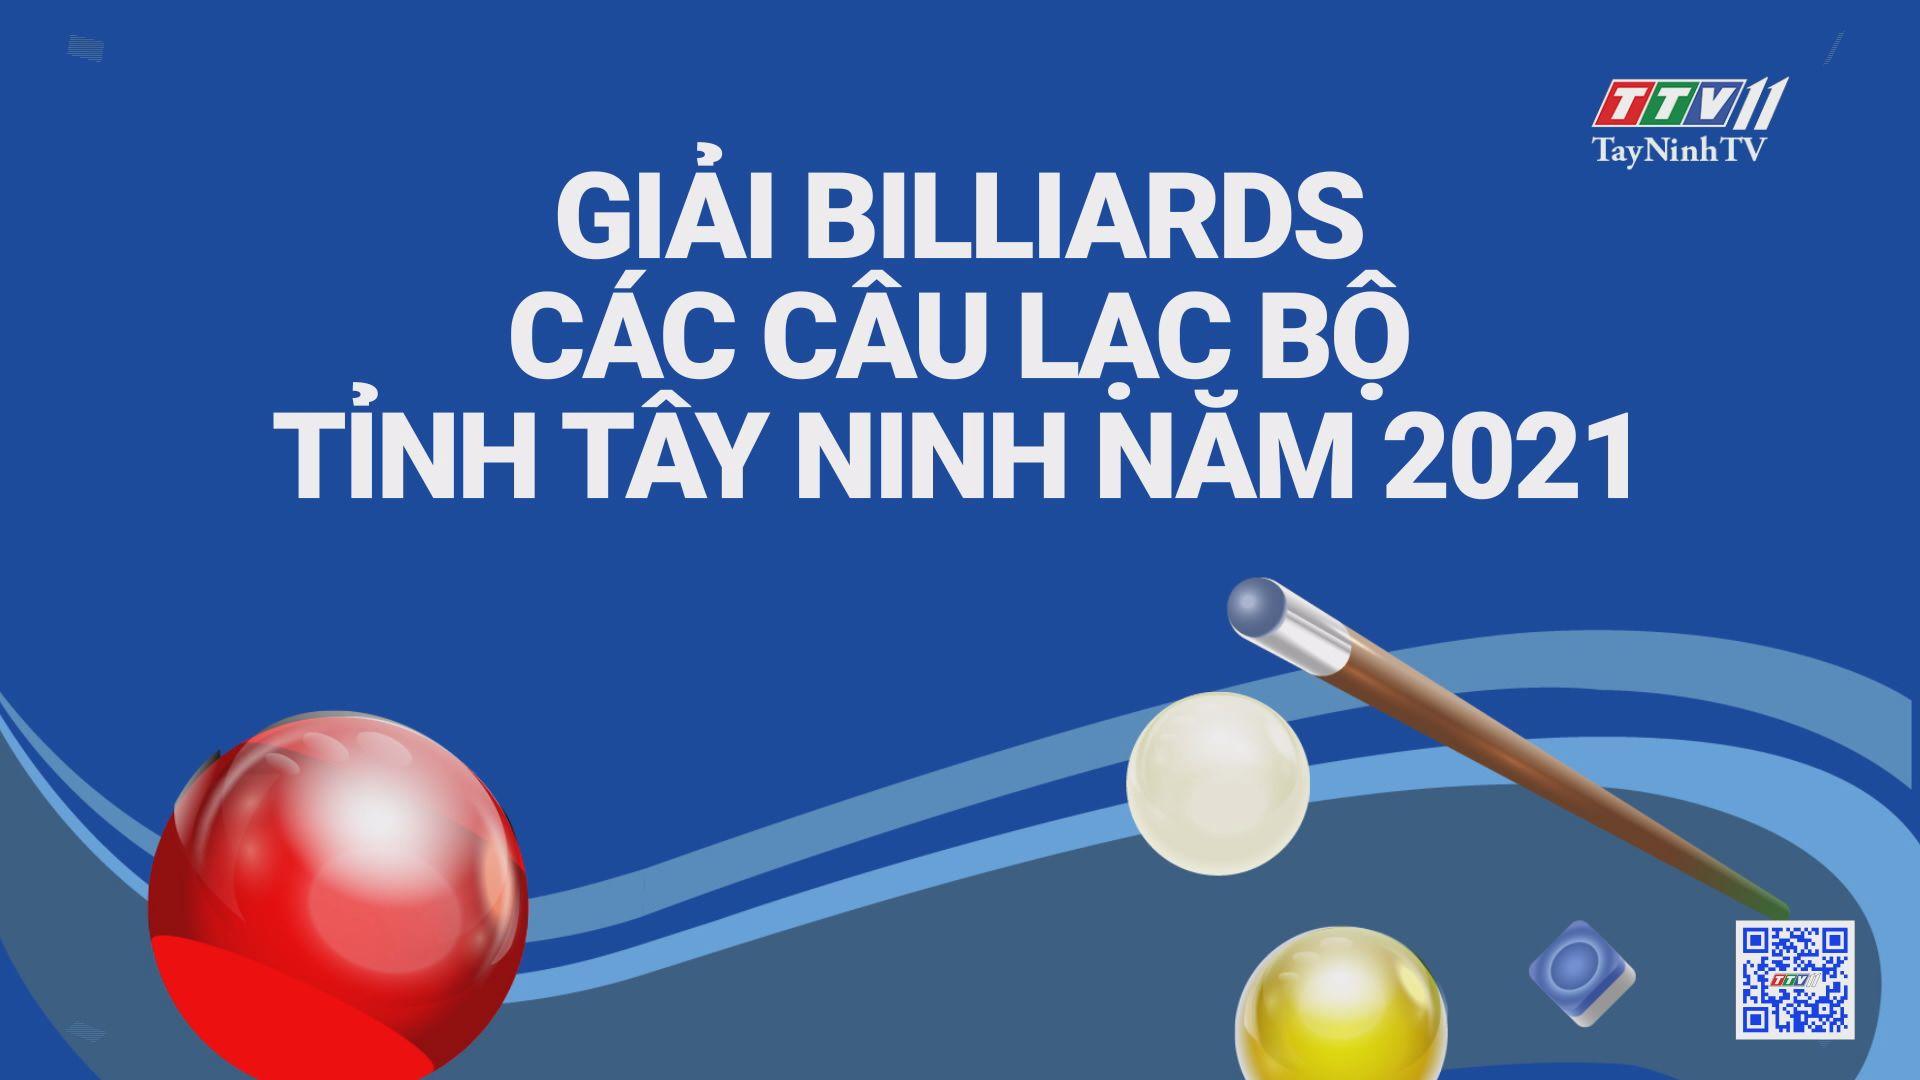 Giải Billiards các câu lạc bộ tỉnh Tây Ninh năm 2021 | BẢN TIN THỂ THAO | TayNinhTVE